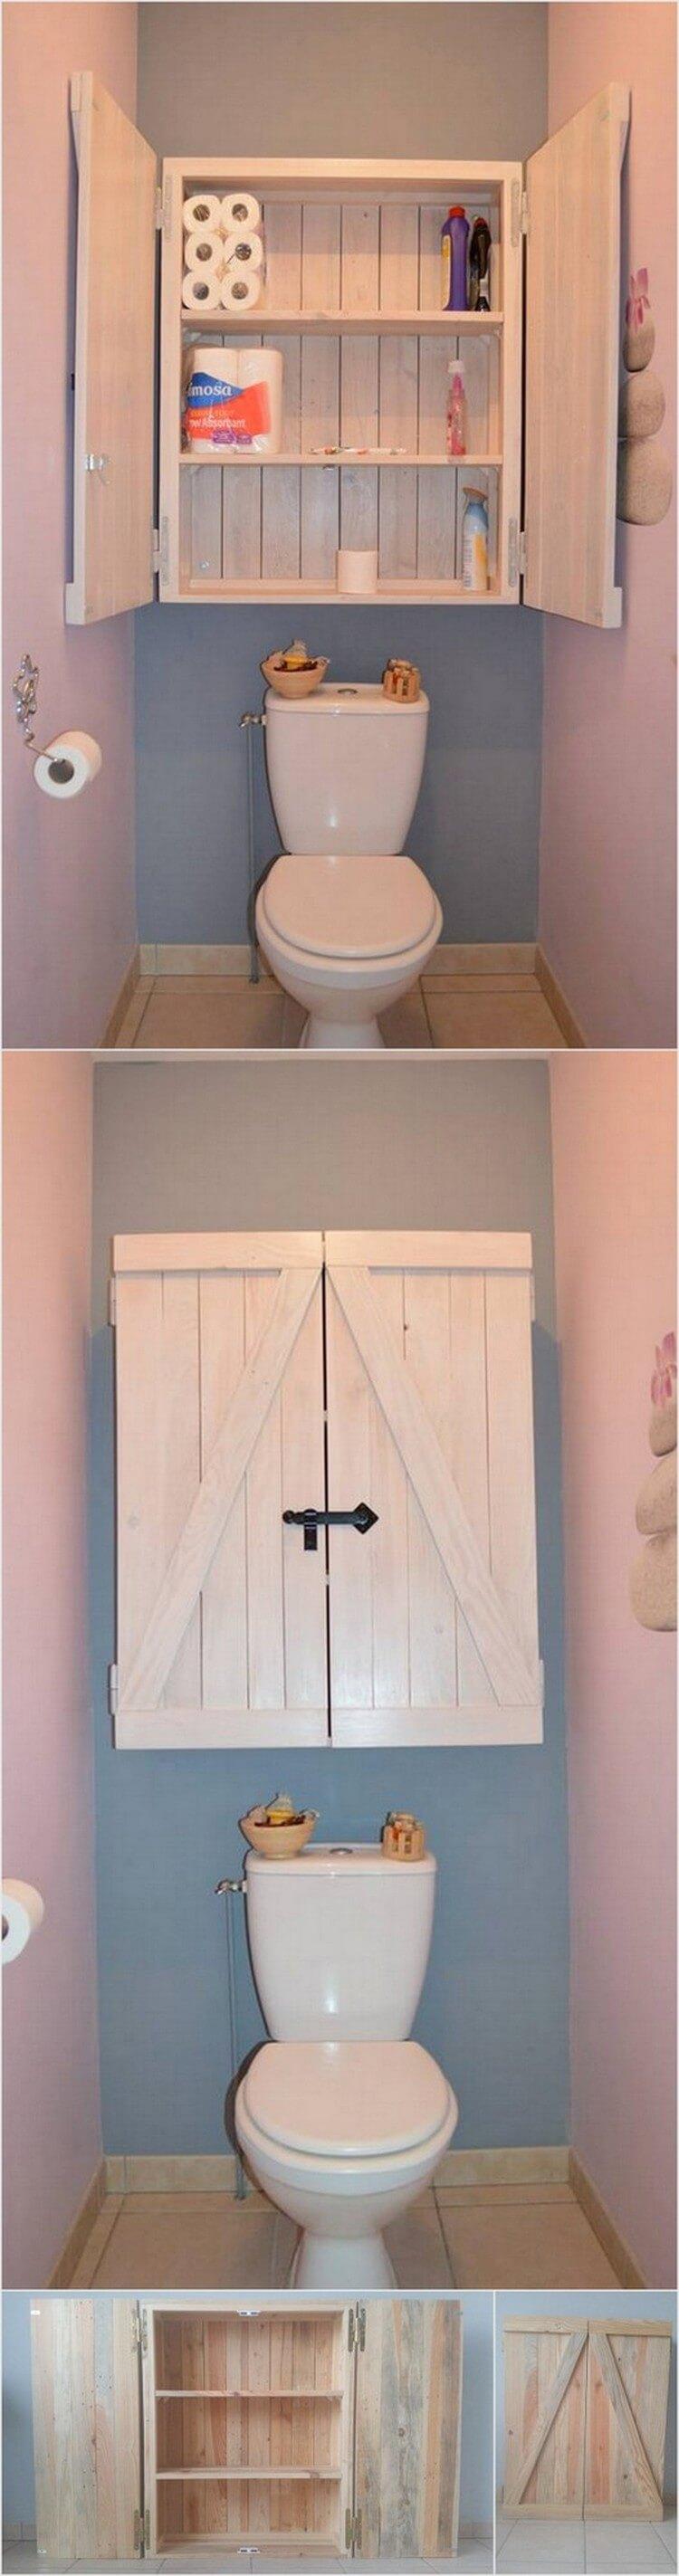 inspiring diy ideas with old wood pallets pallet wood. Black Bedroom Furniture Sets. Home Design Ideas